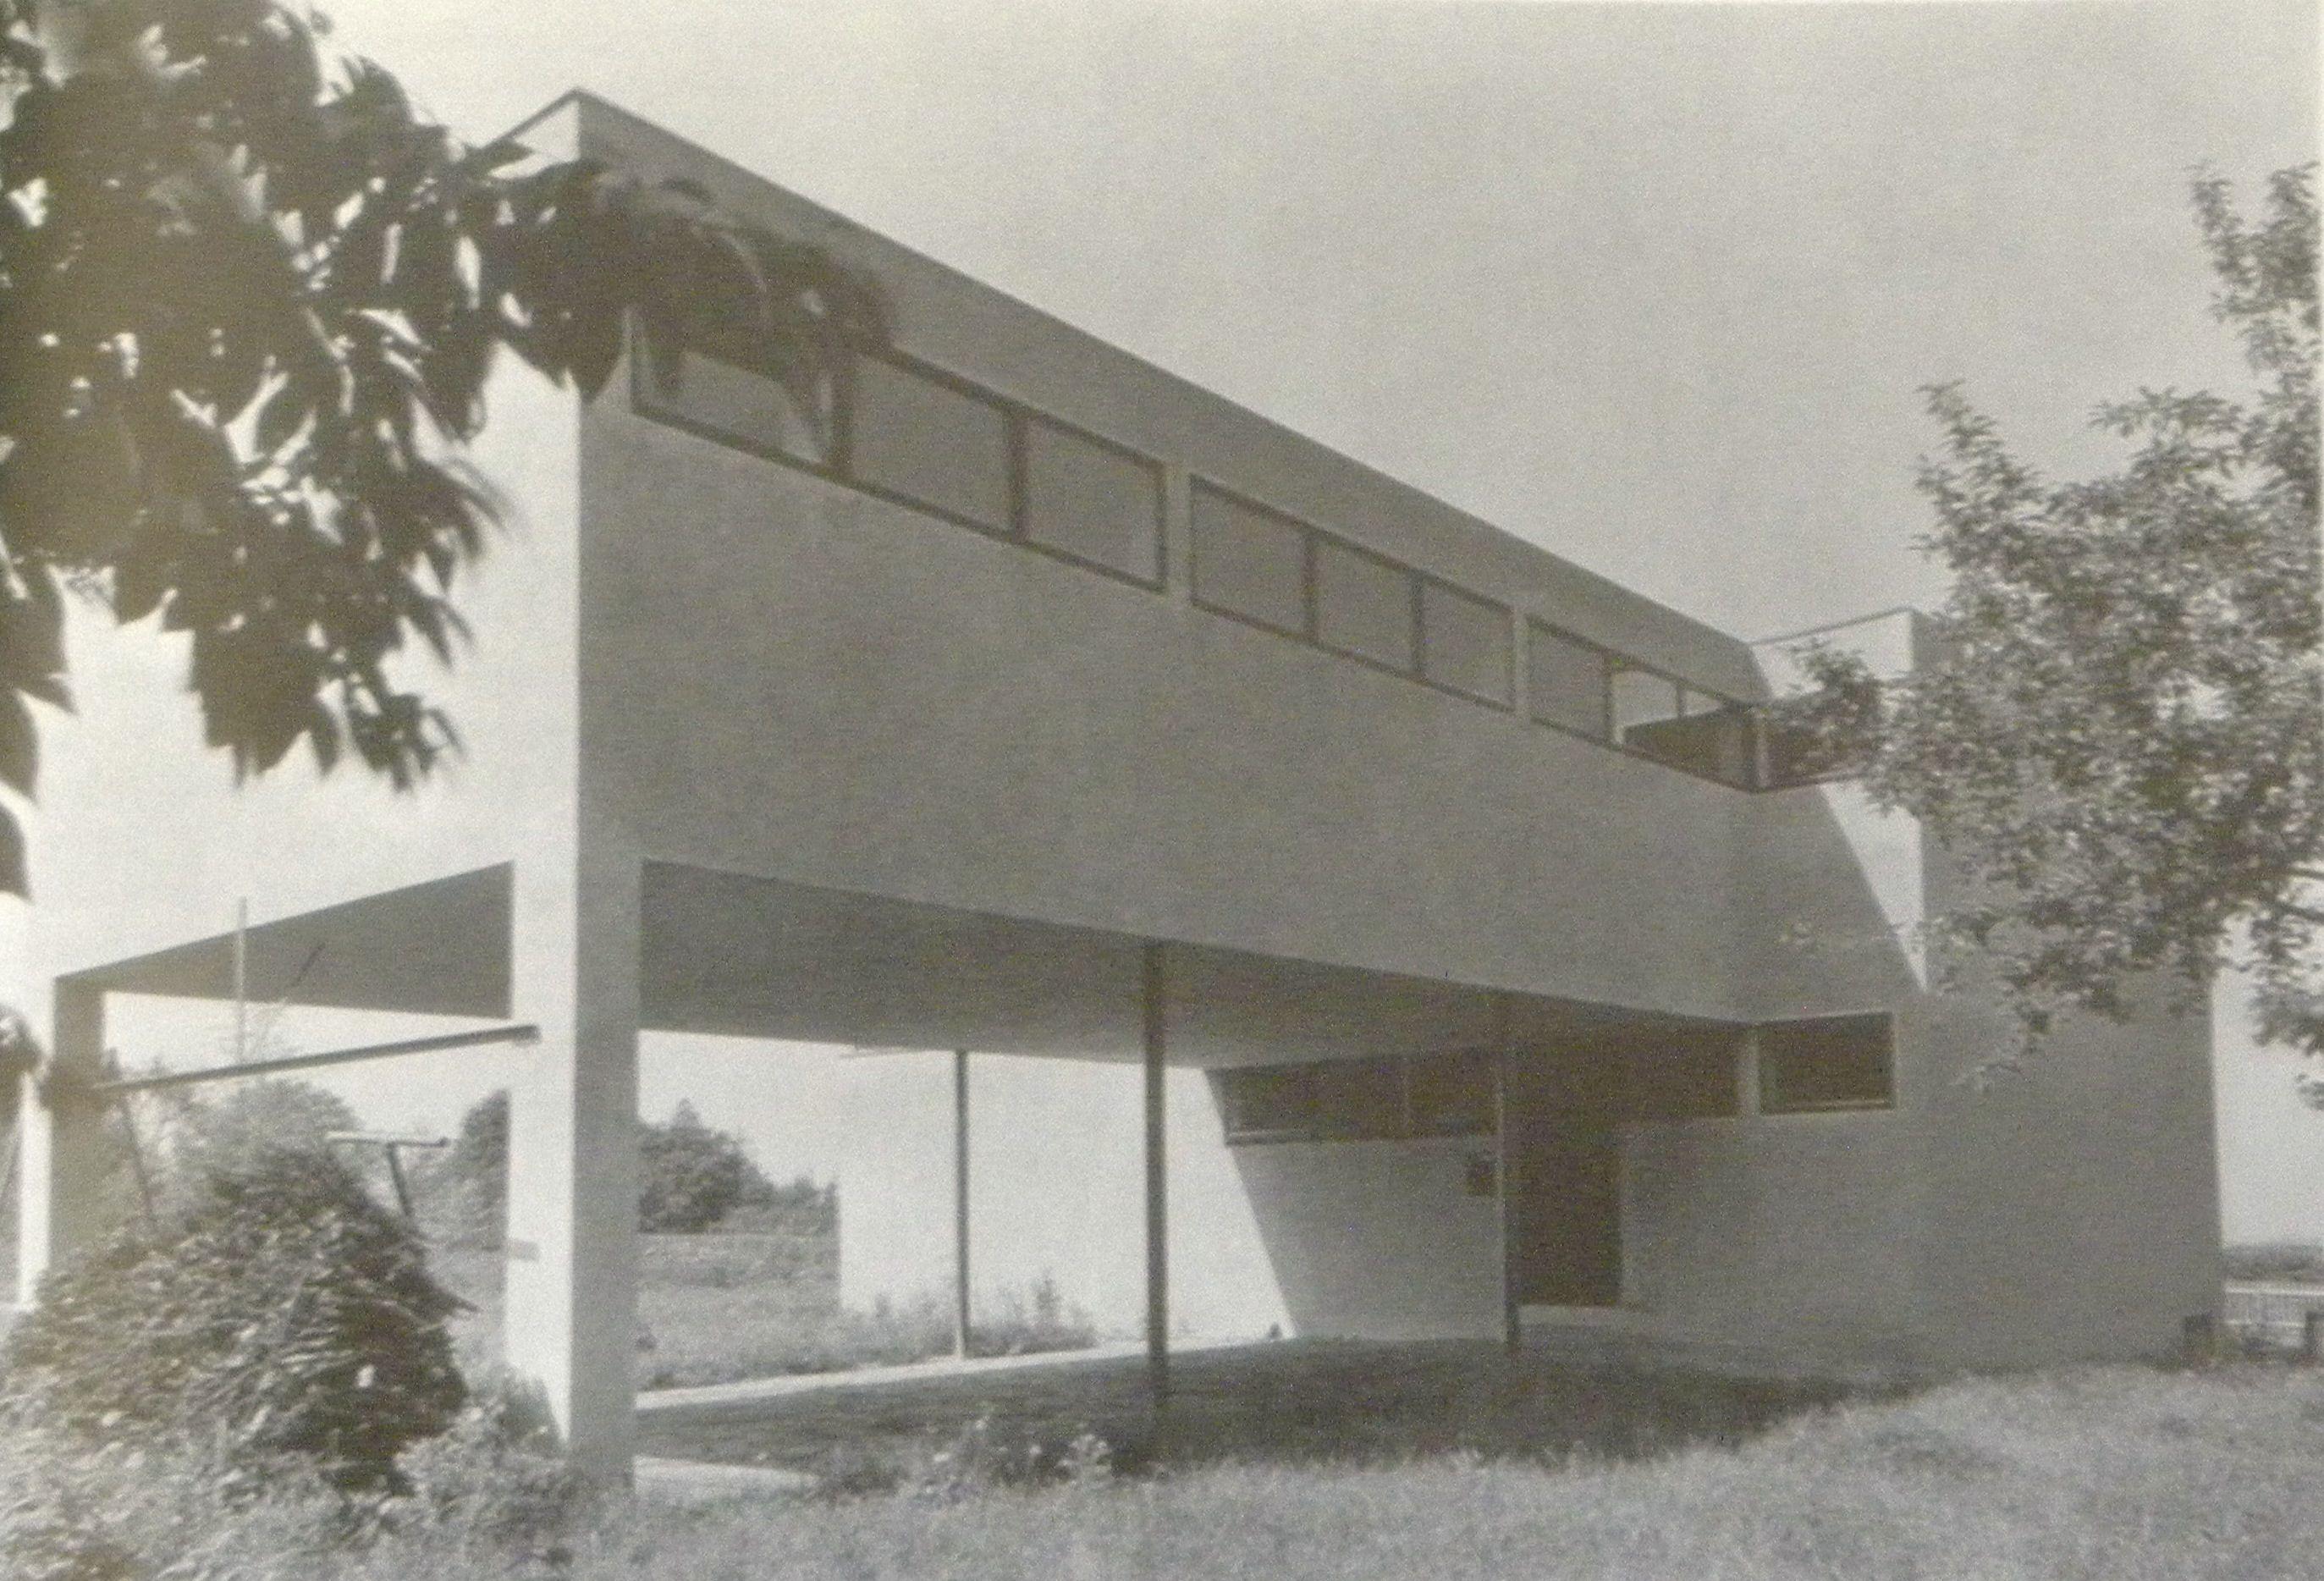 Haus Schaeffer By Hans Schmidt. 1927 29